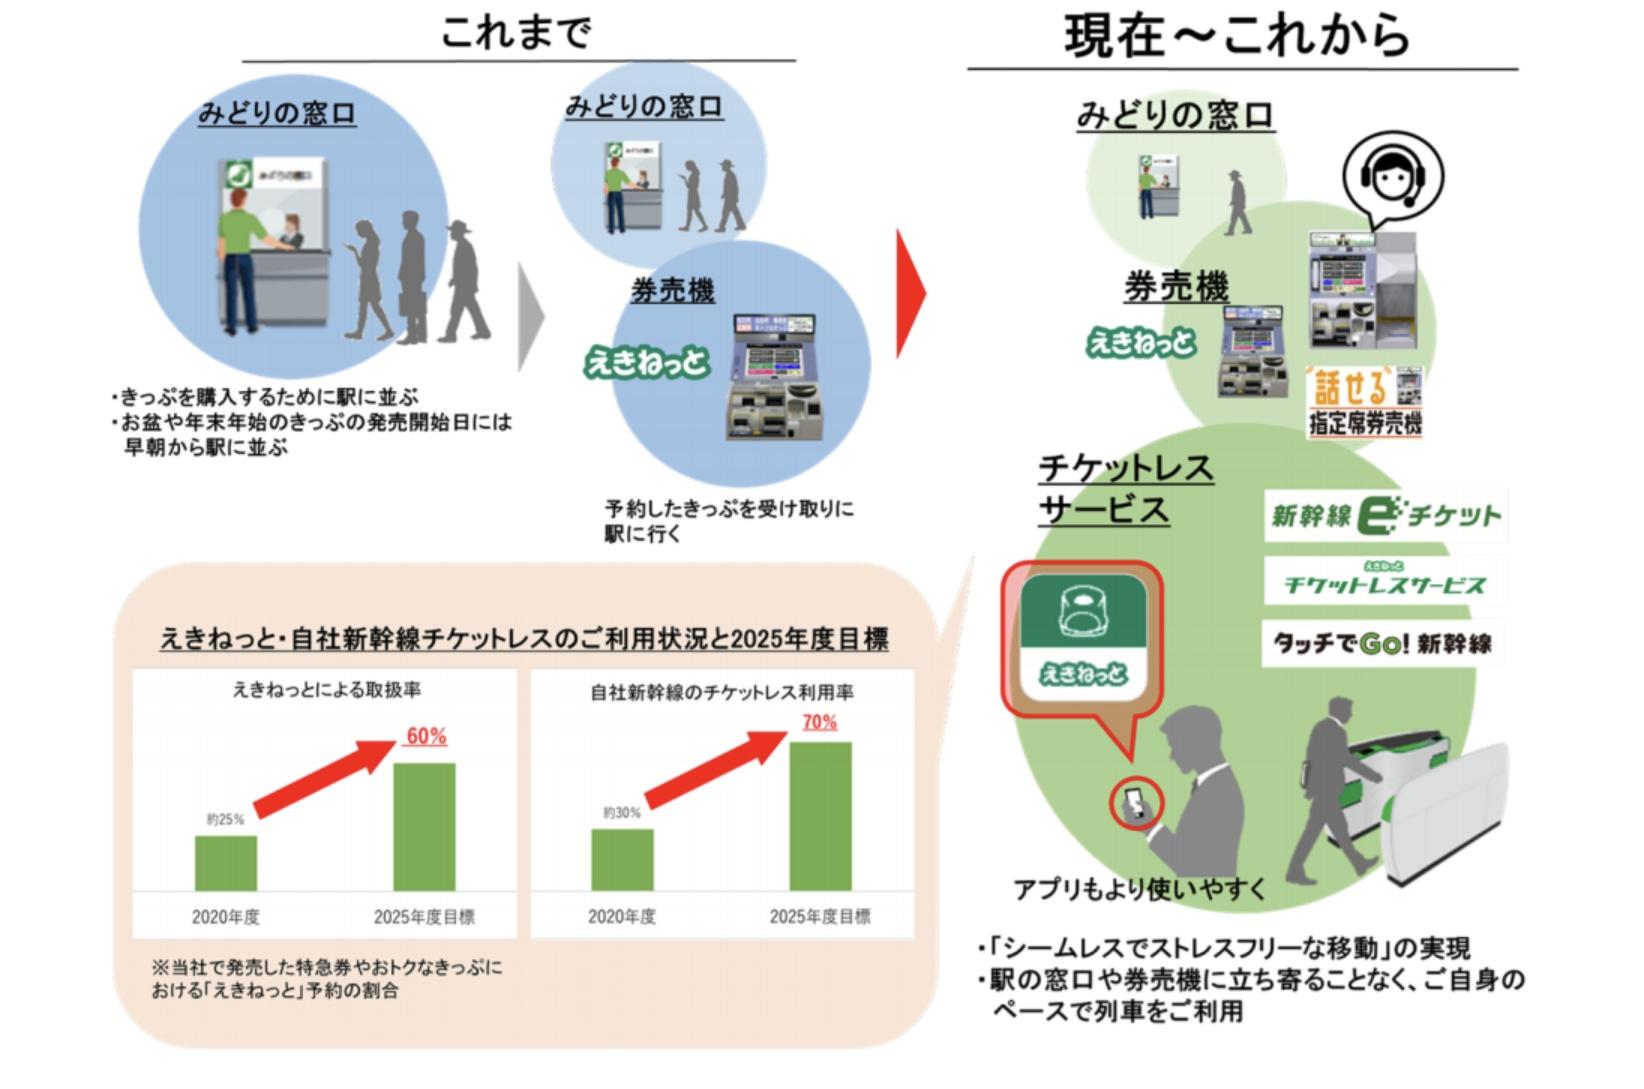 【悲報】JR東日本、2025年までにみどりの窓口を首都圏231駅から70駅に大幅削減